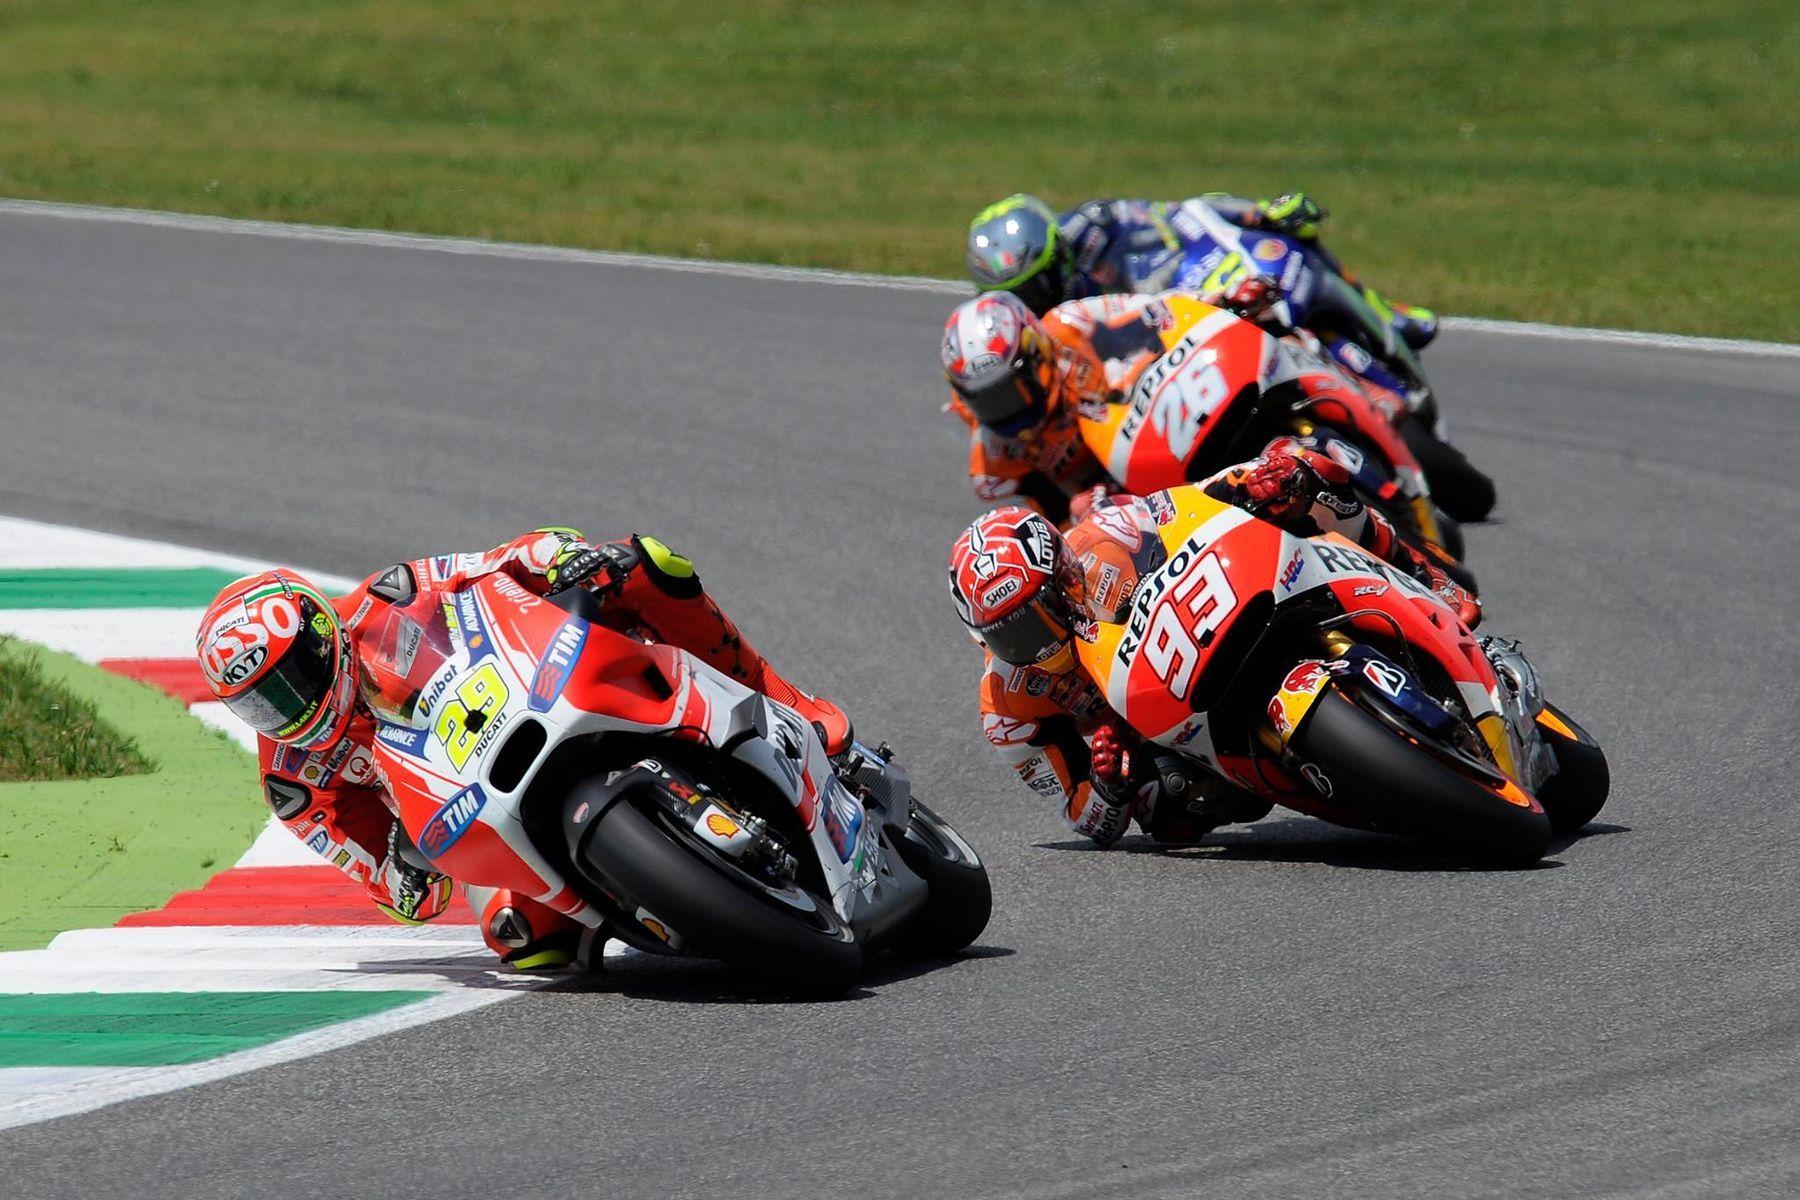 2015 Ducati  | 2015 MotoGP Season